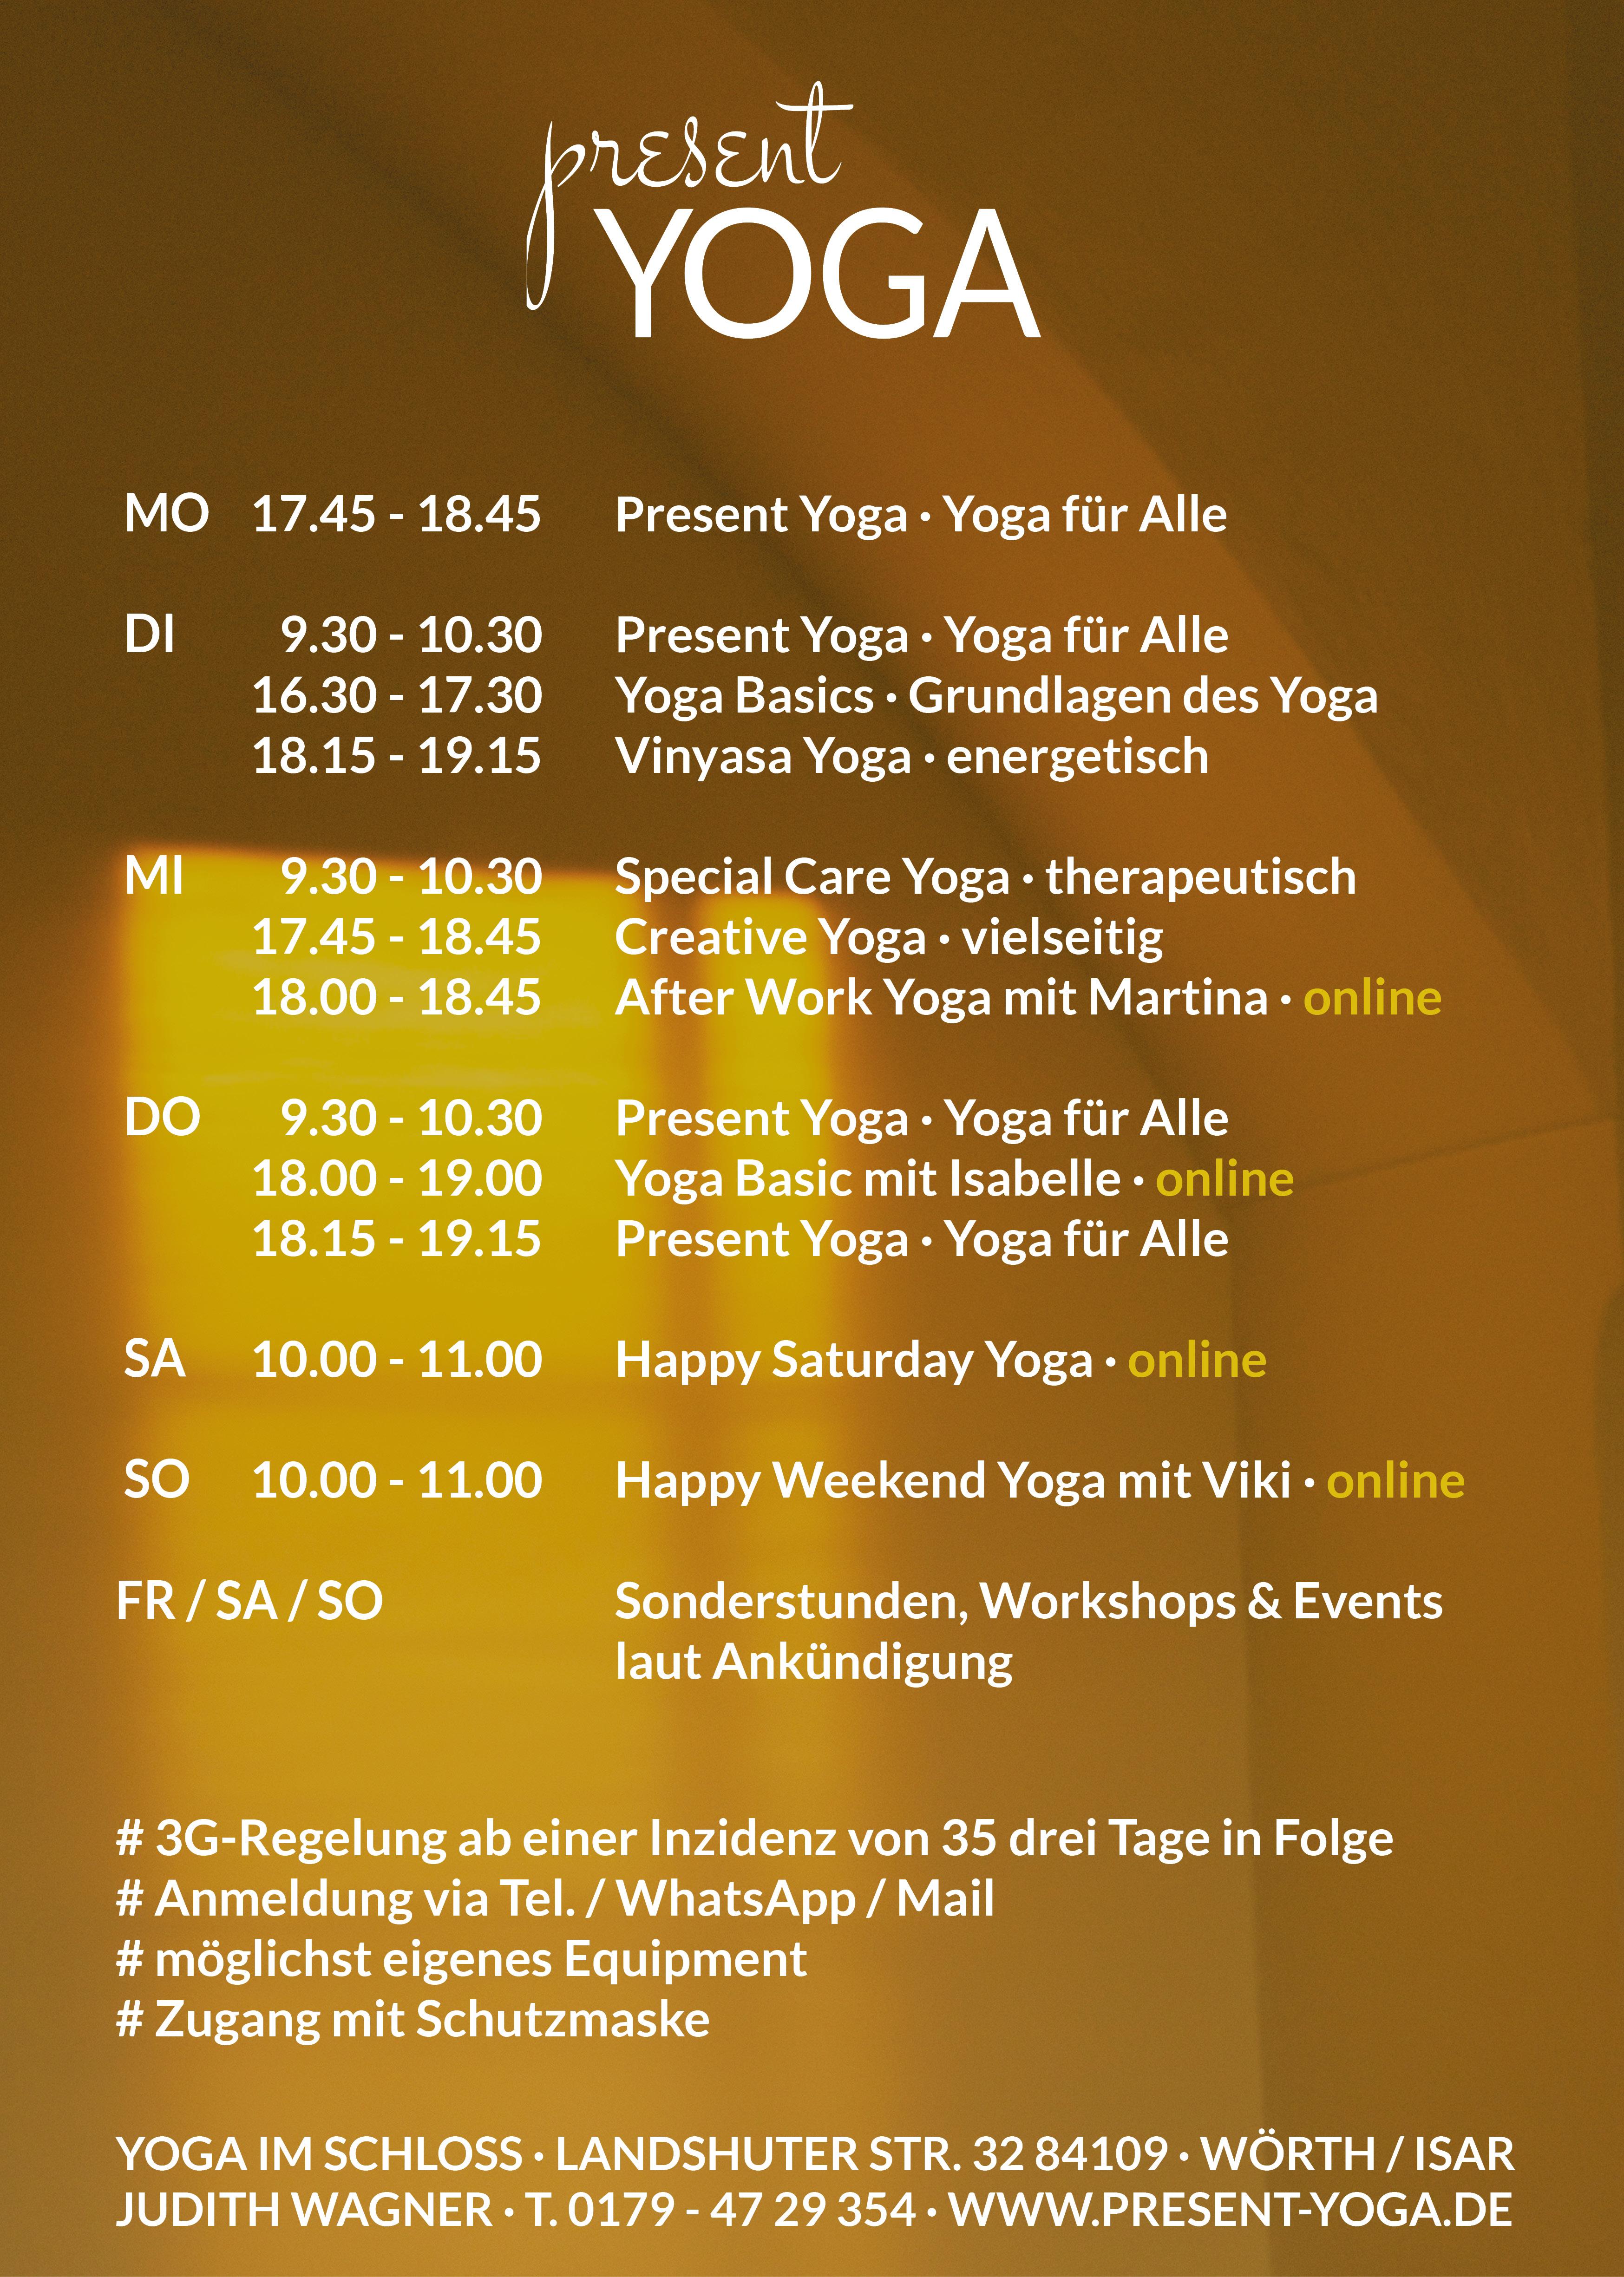 Present Yoga Herbststundenplan